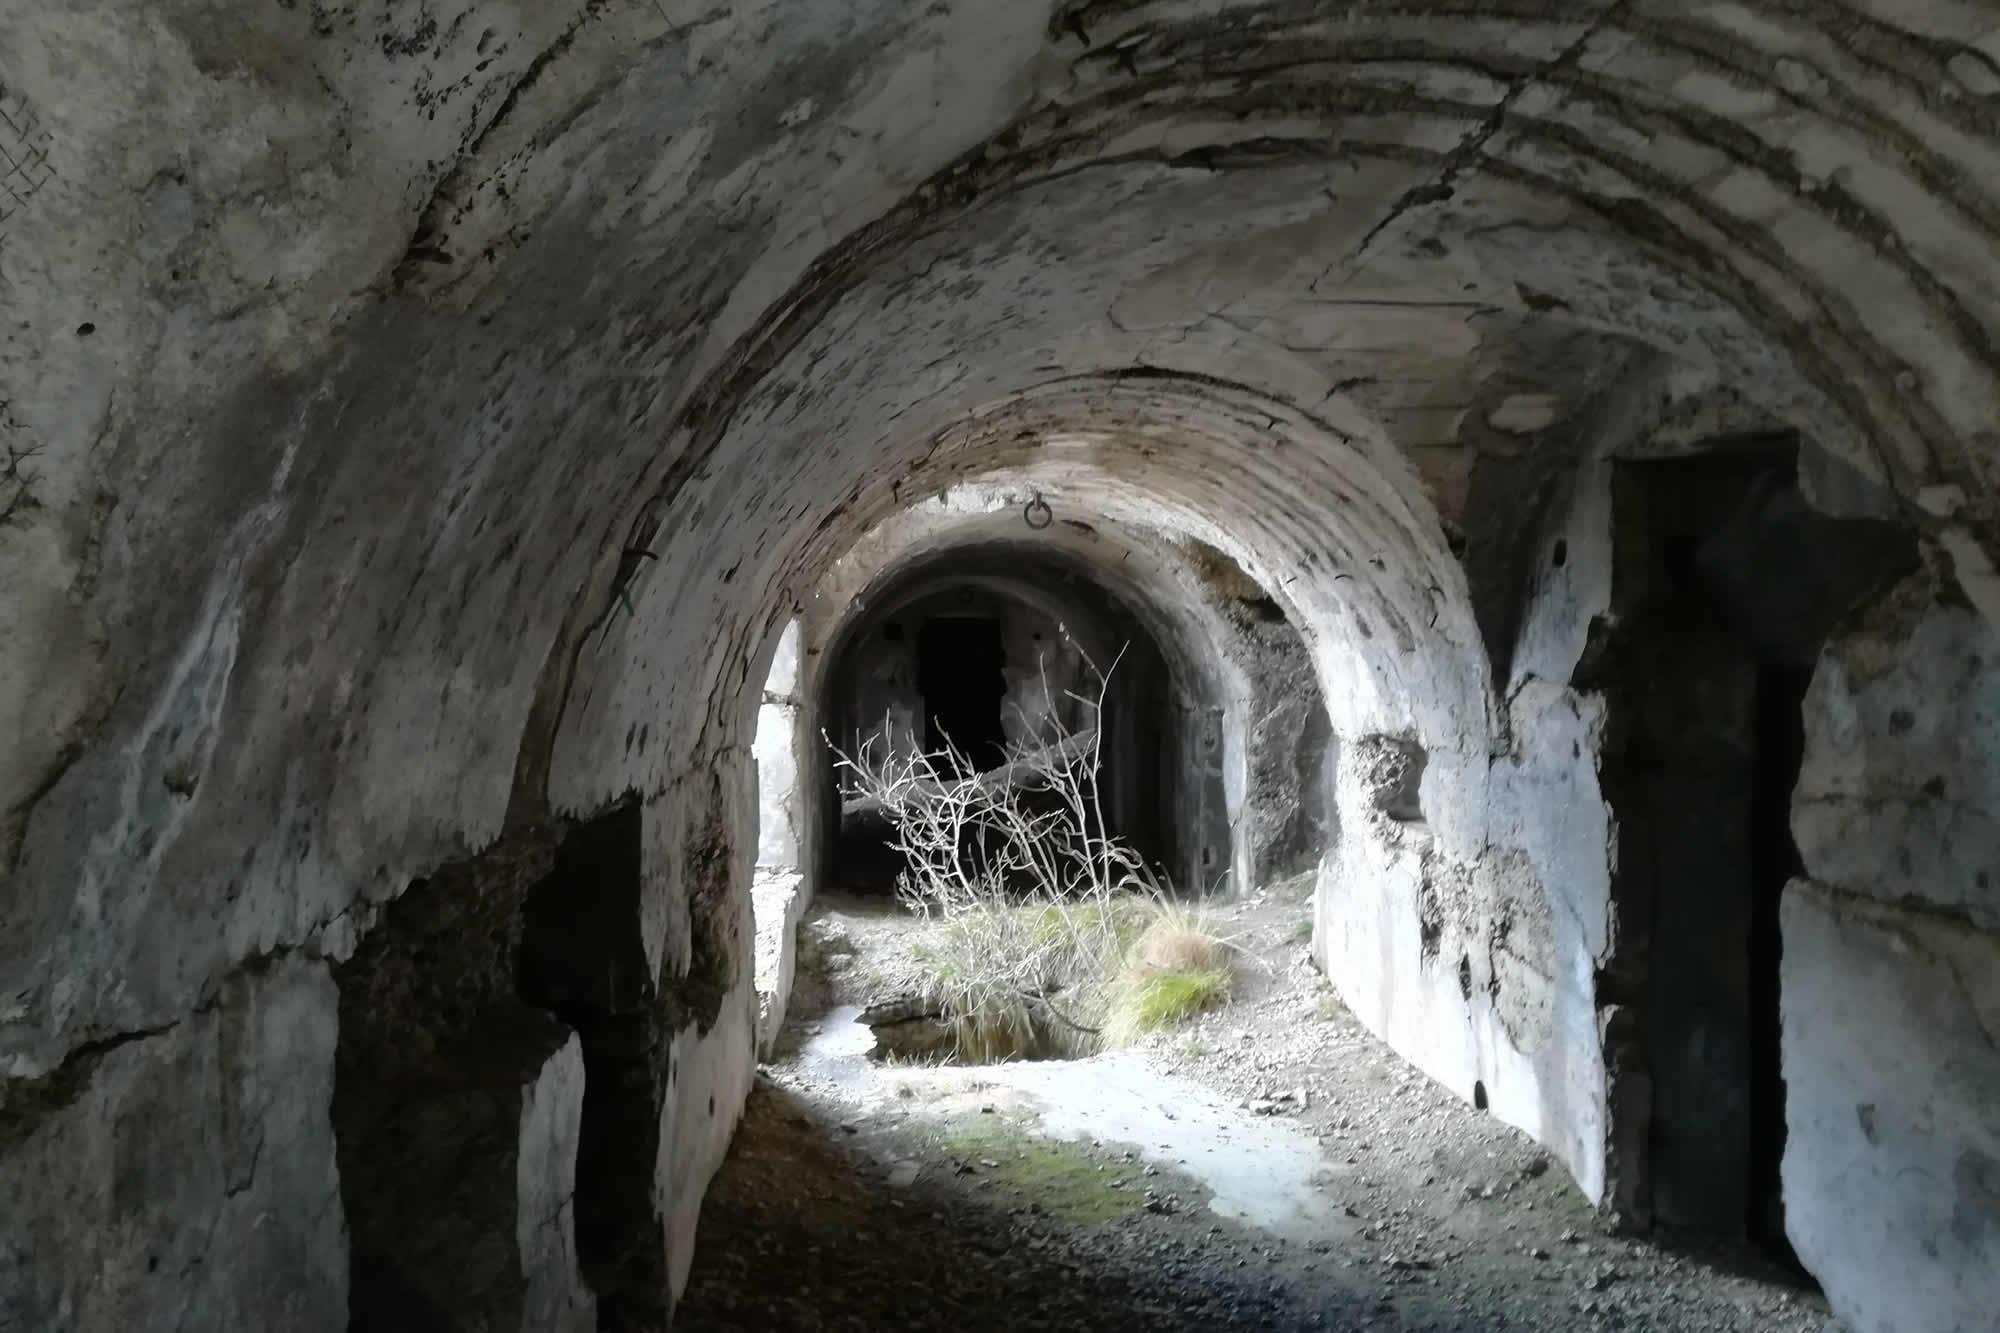 Gallerie diroccate del forte